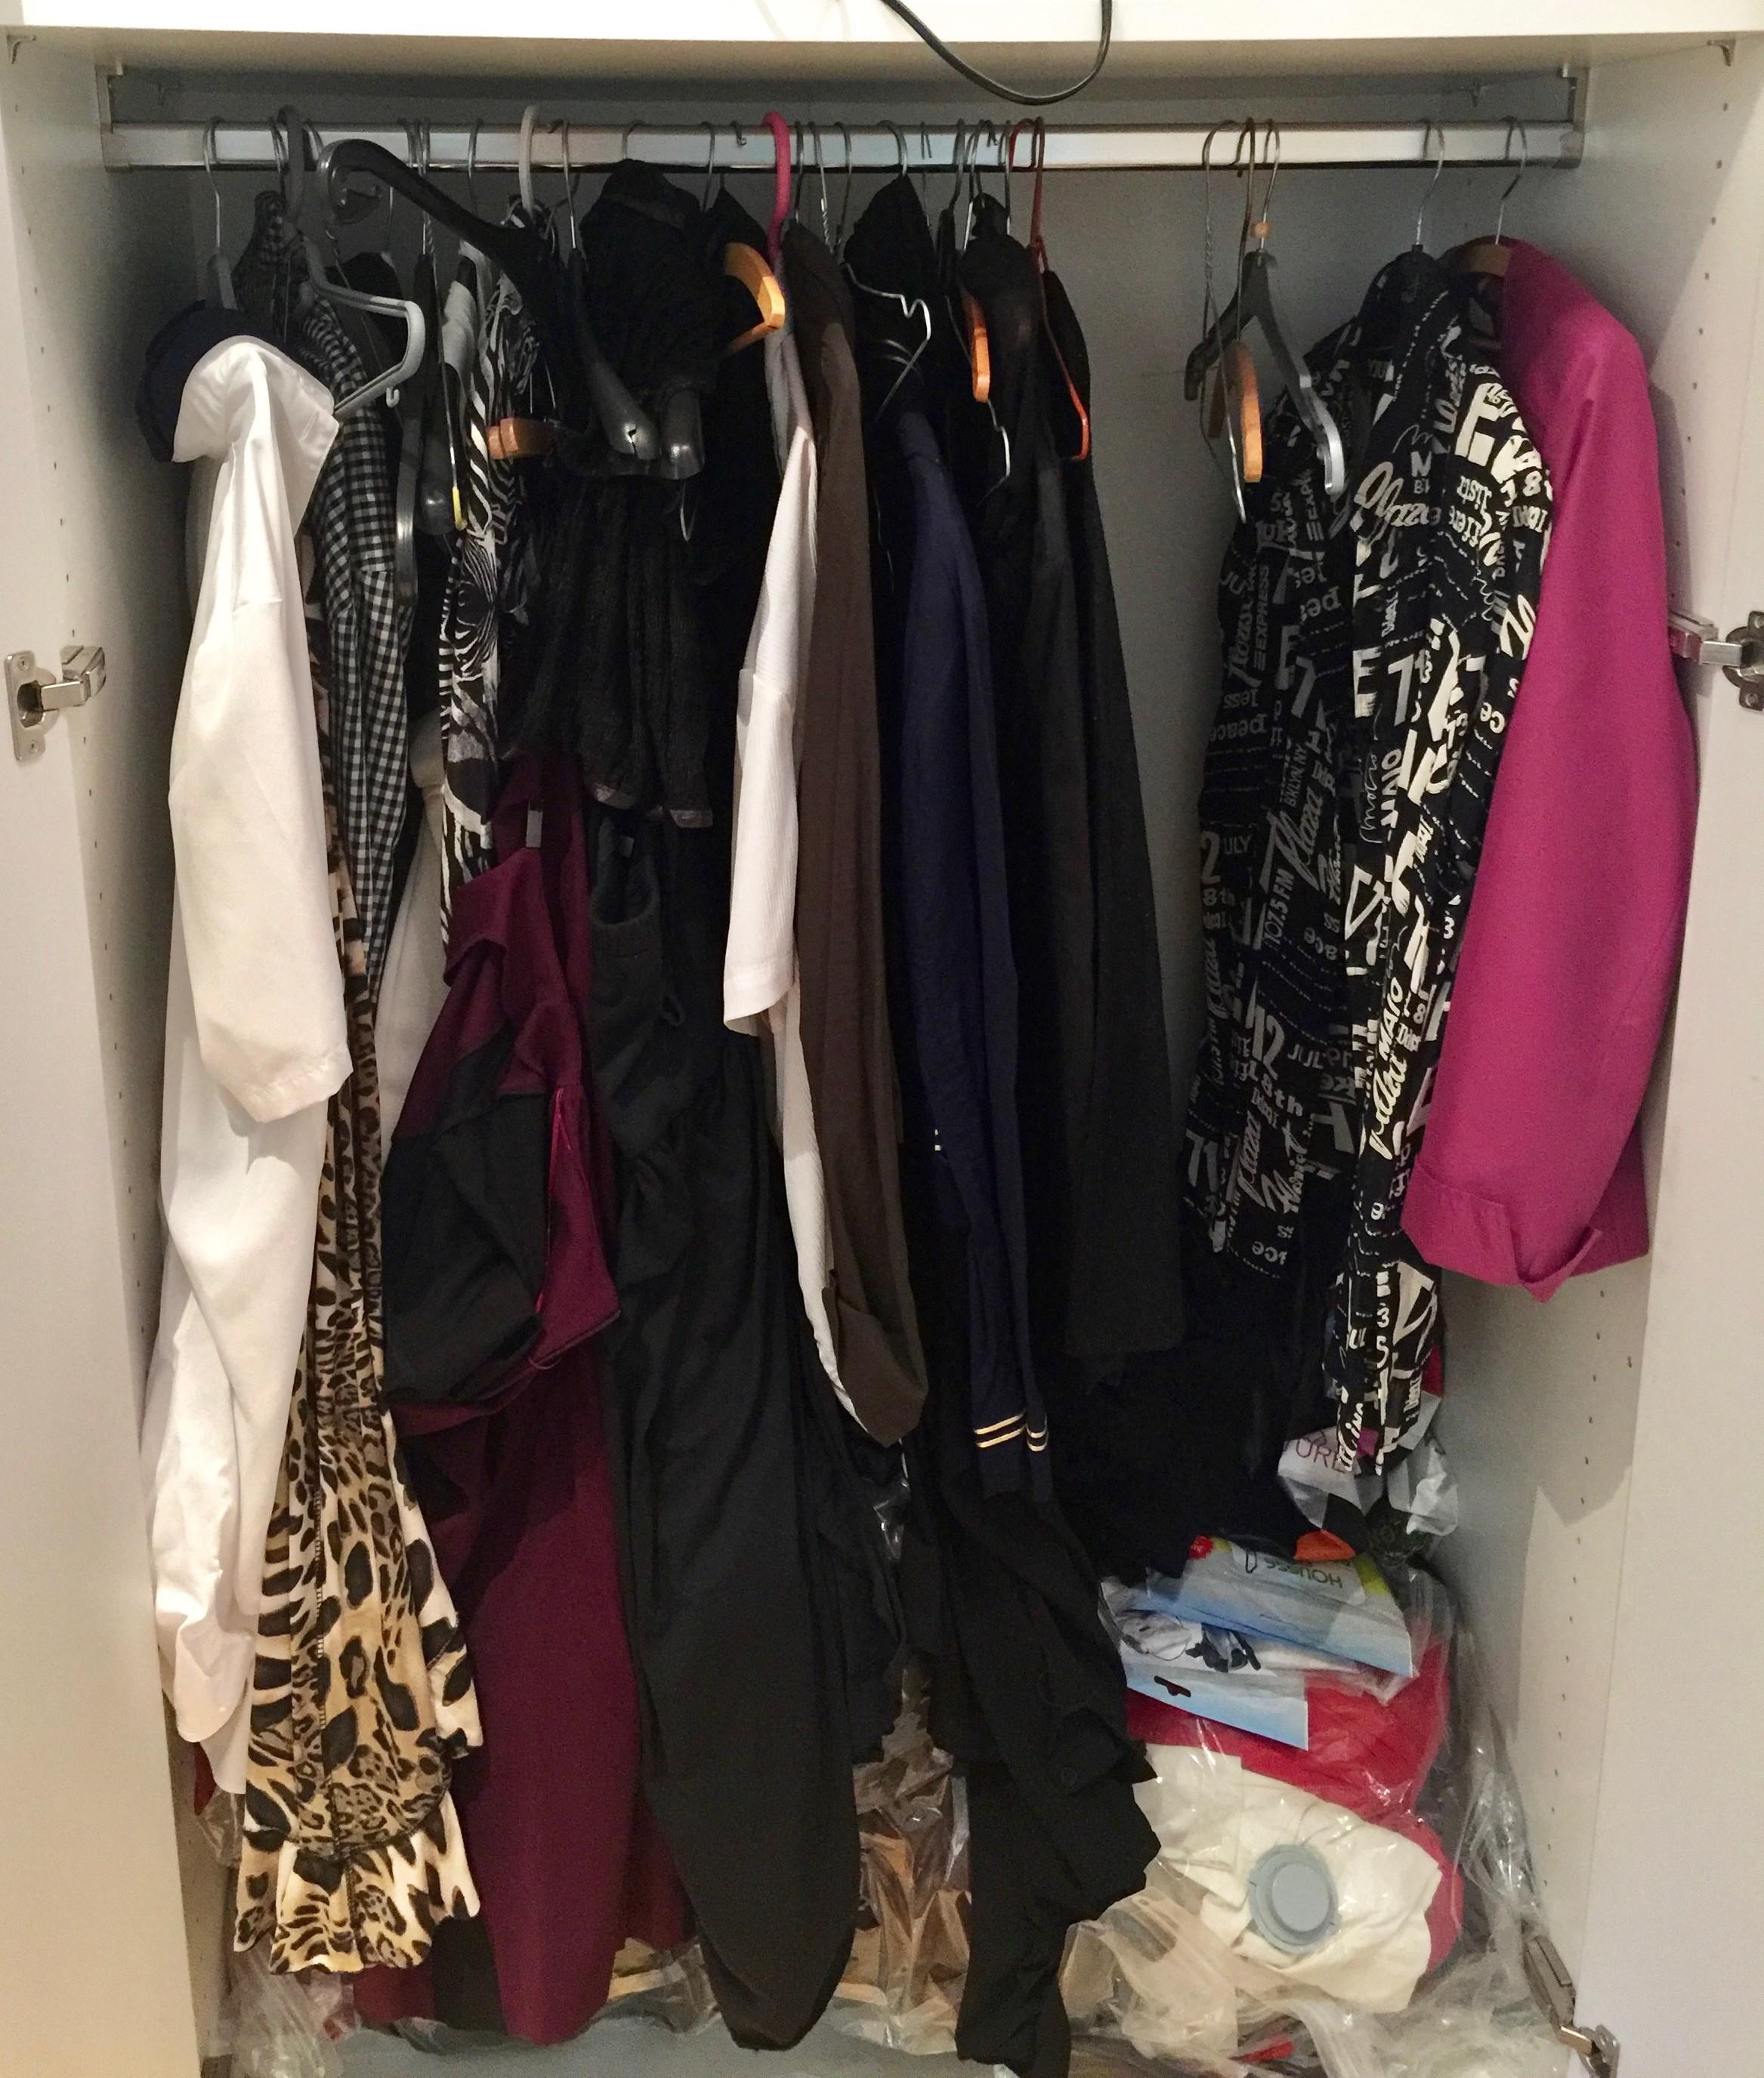 Armoire à vêtements avant Christine 1 by Mademoiselle M